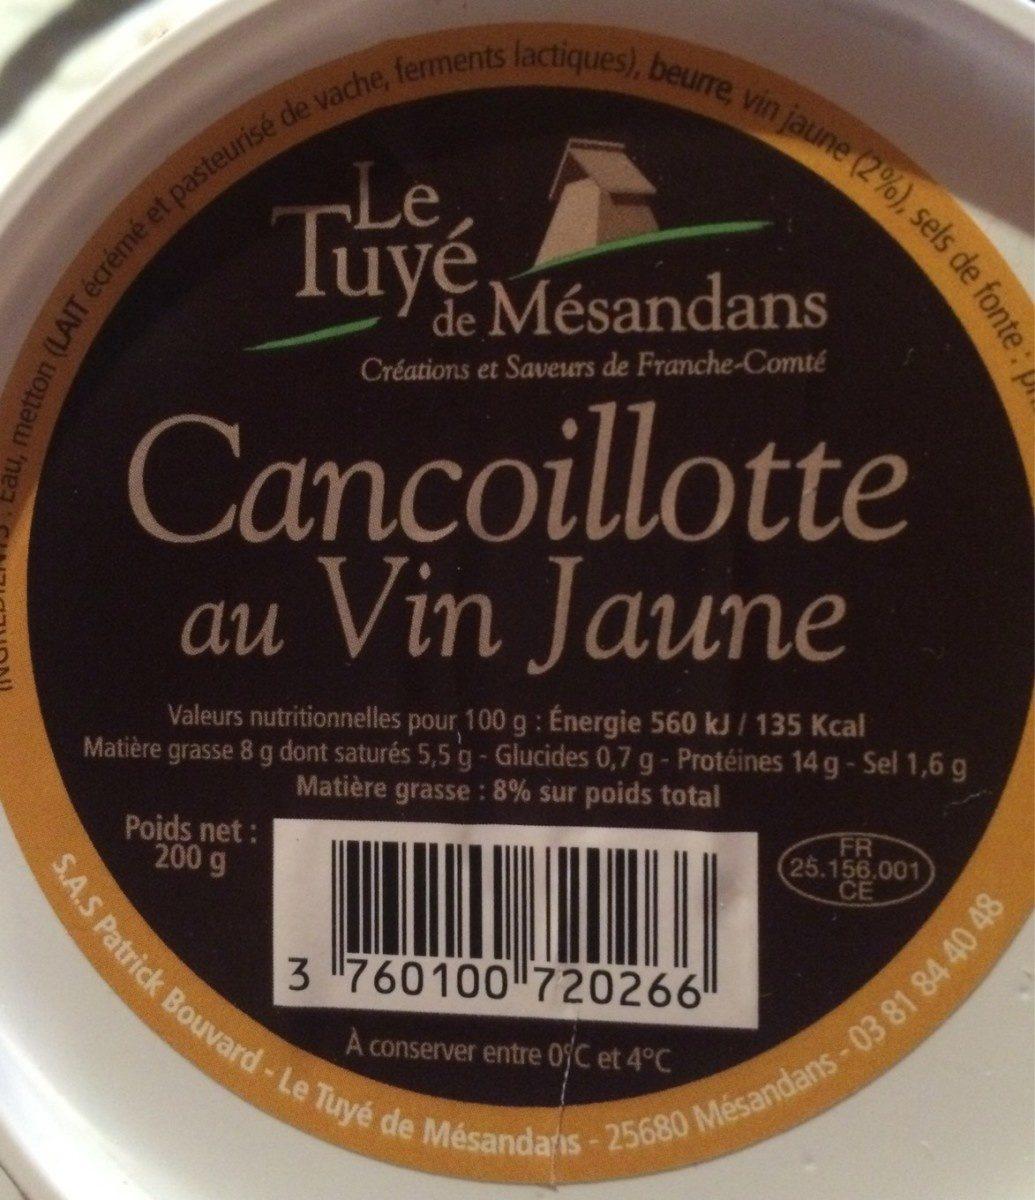 Cancoillotte au vin jaune - Nutrition facts - fr